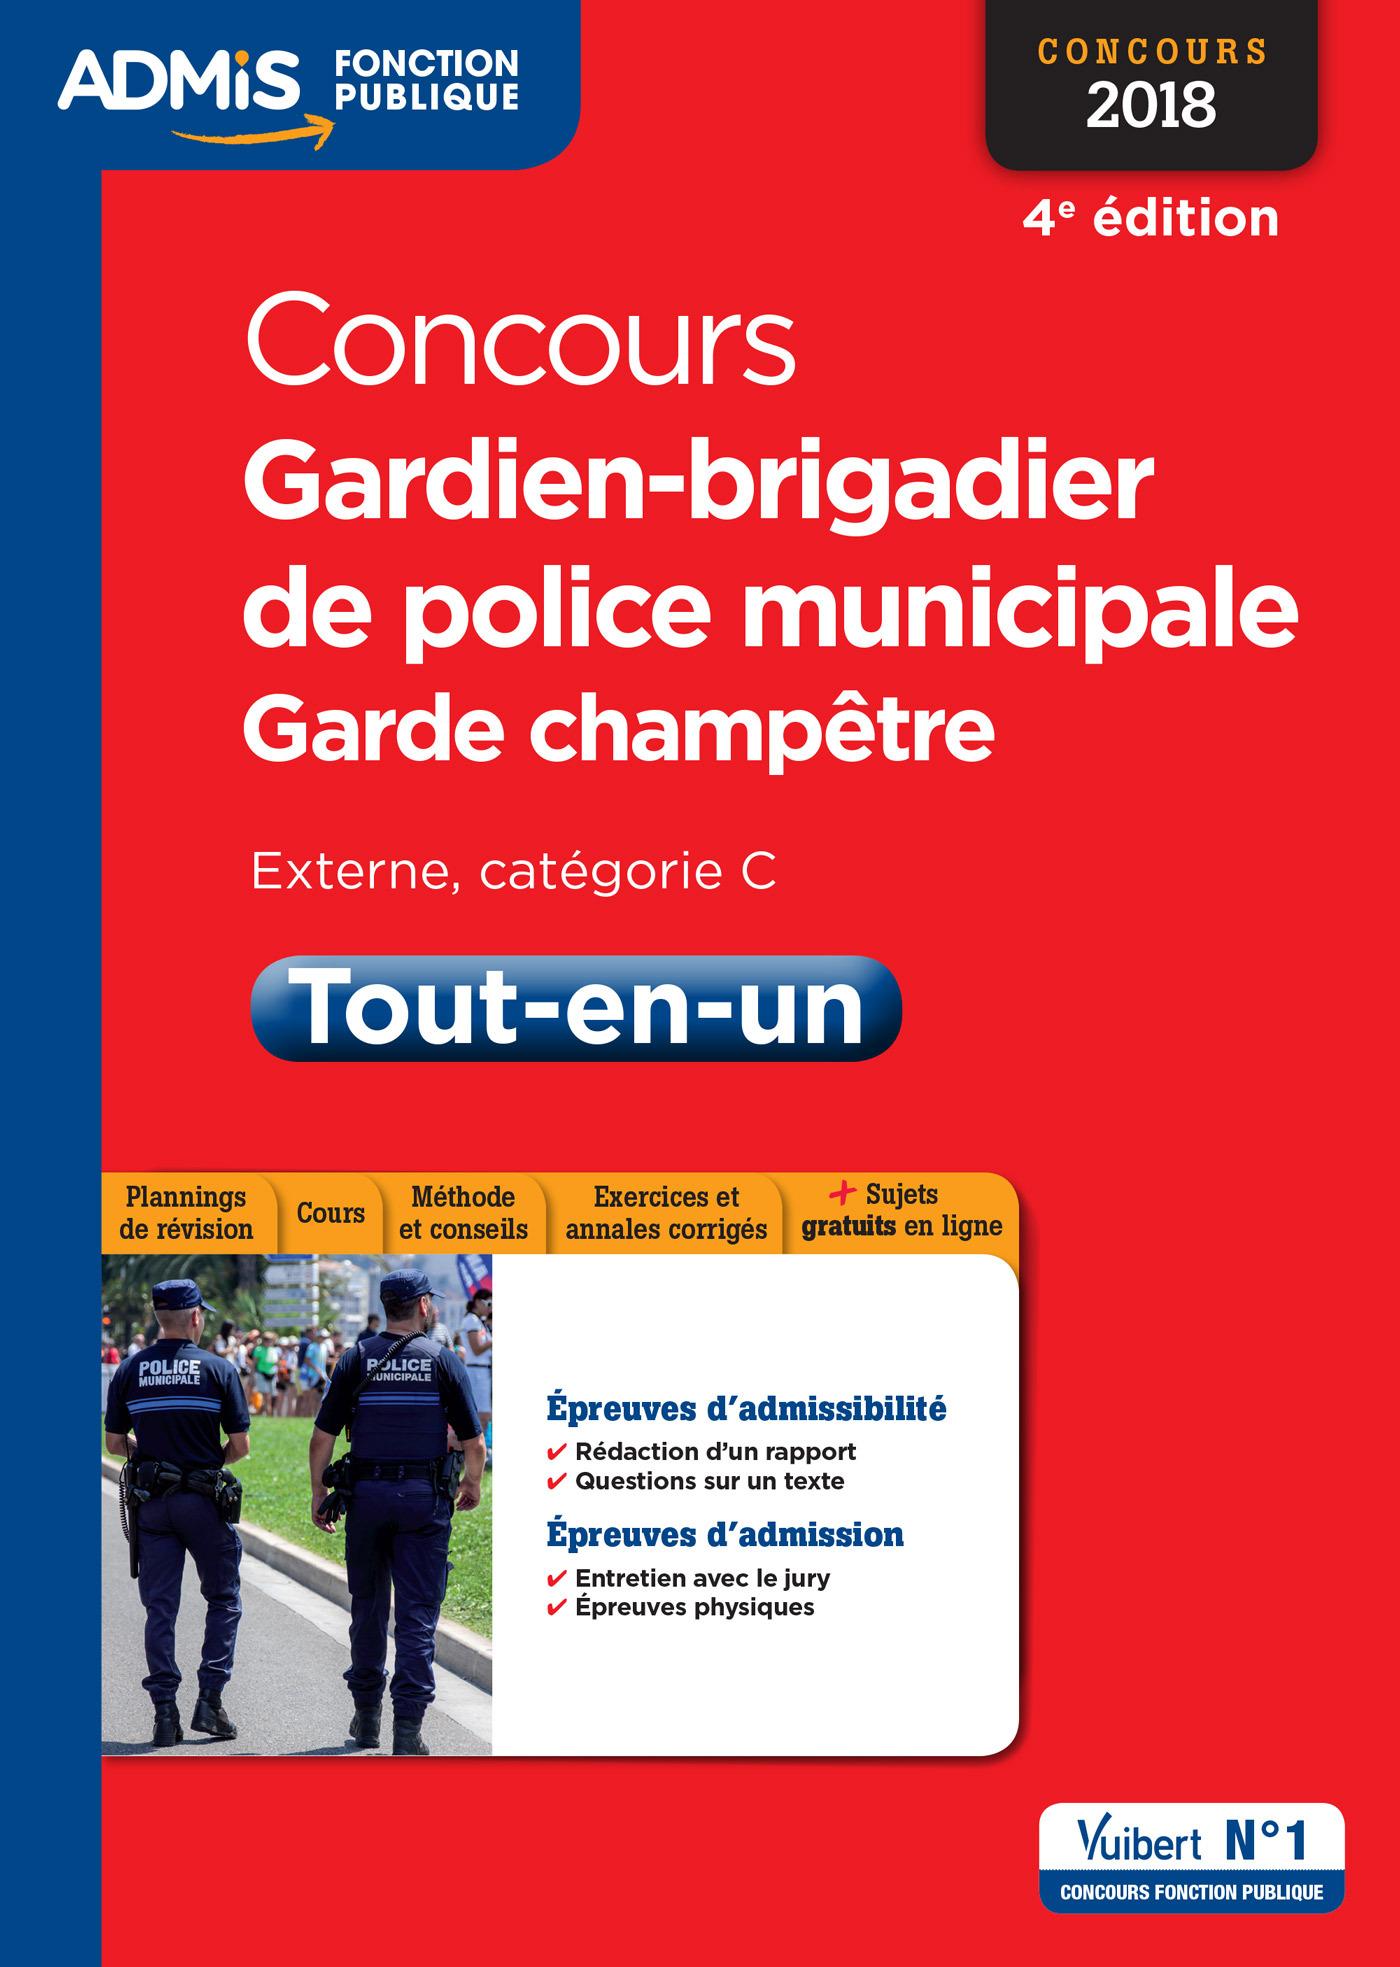 CONCOURS GARDIEN DE POLICE MUNICIPALE ET GARDE CHAMPETRE CAT C TOUT EN UN